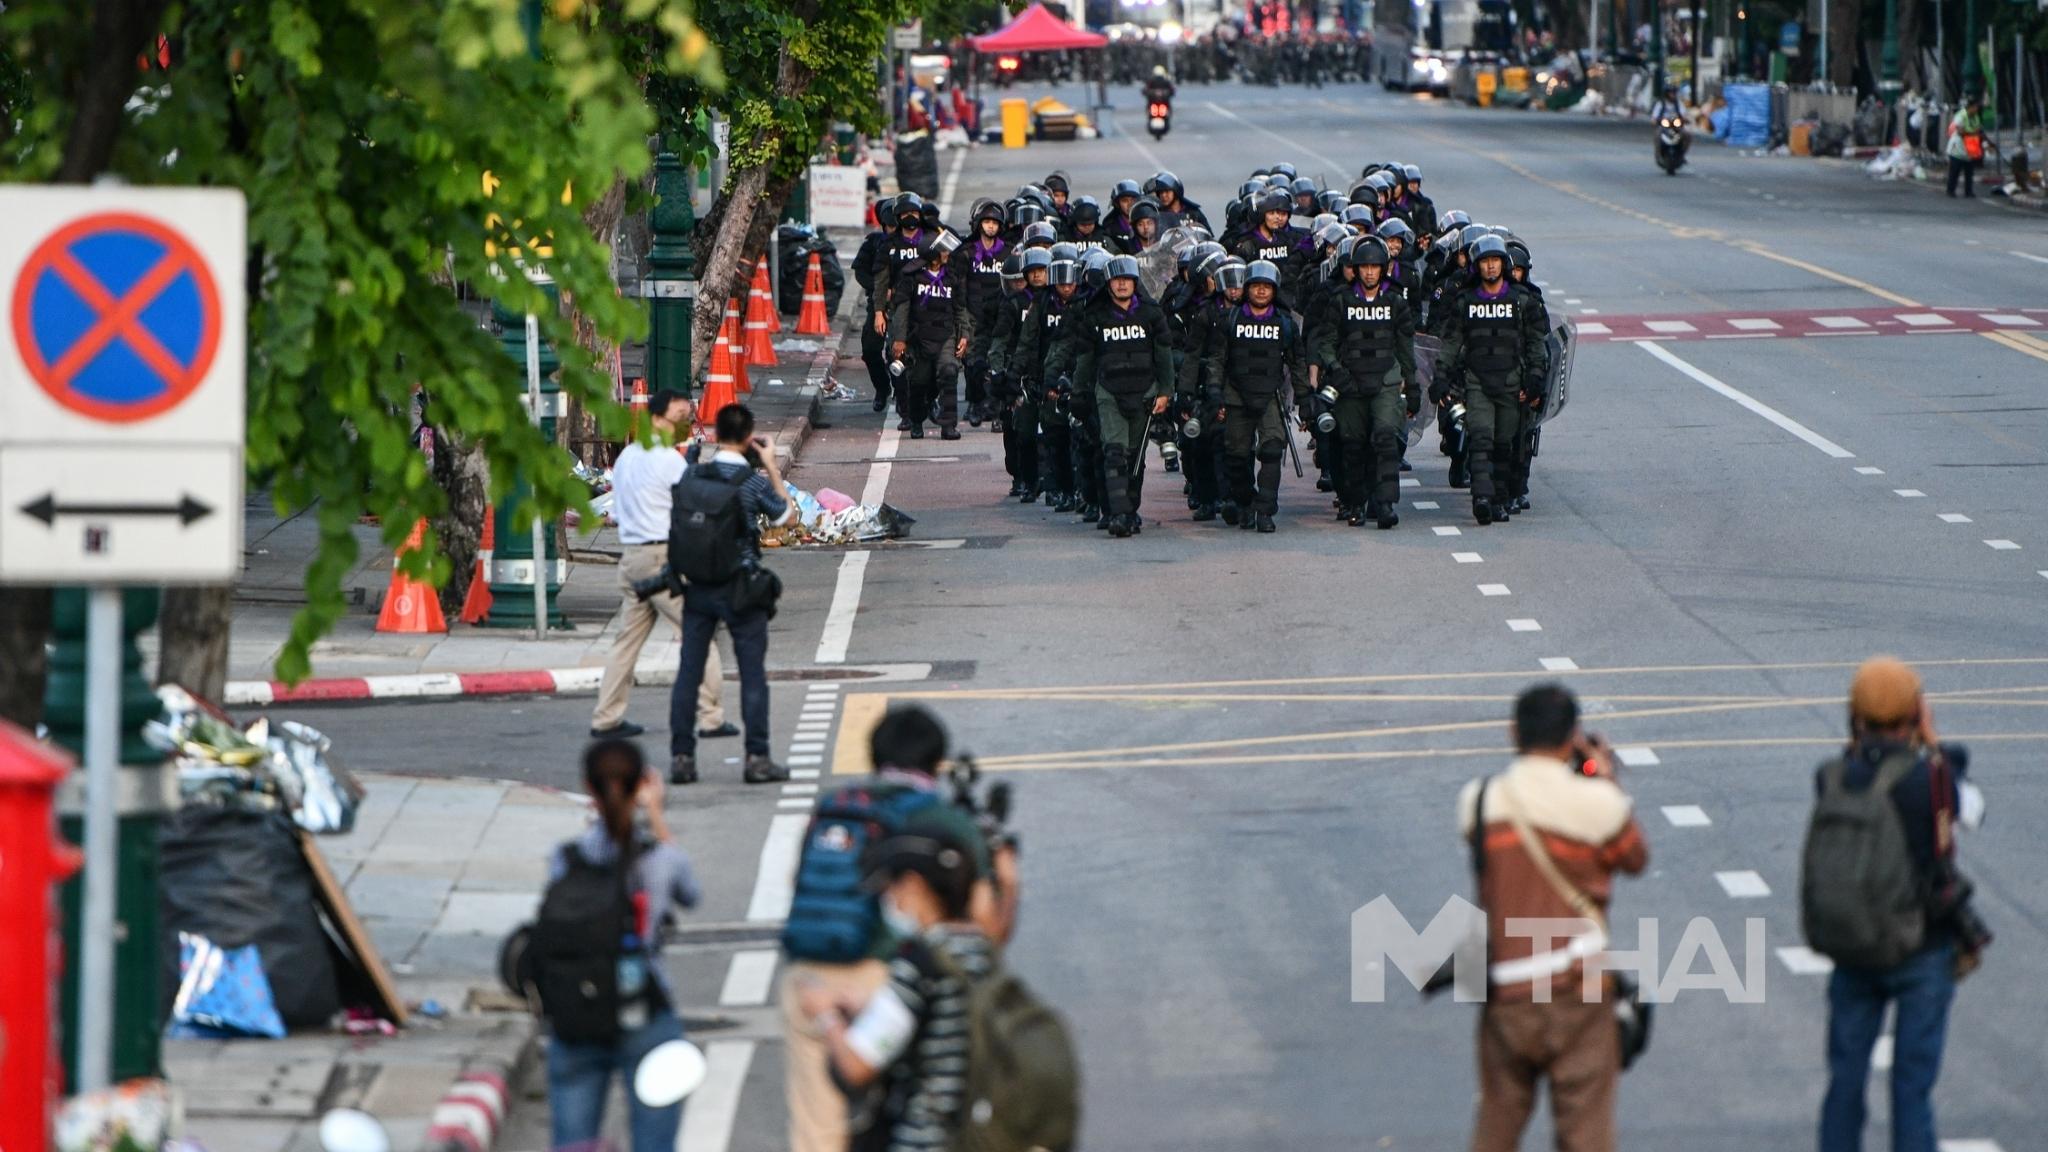 การชุมนุม ชุมนุมทางการเมือง ม็อบ14ตุลา สั่งย้ายตำรวจ